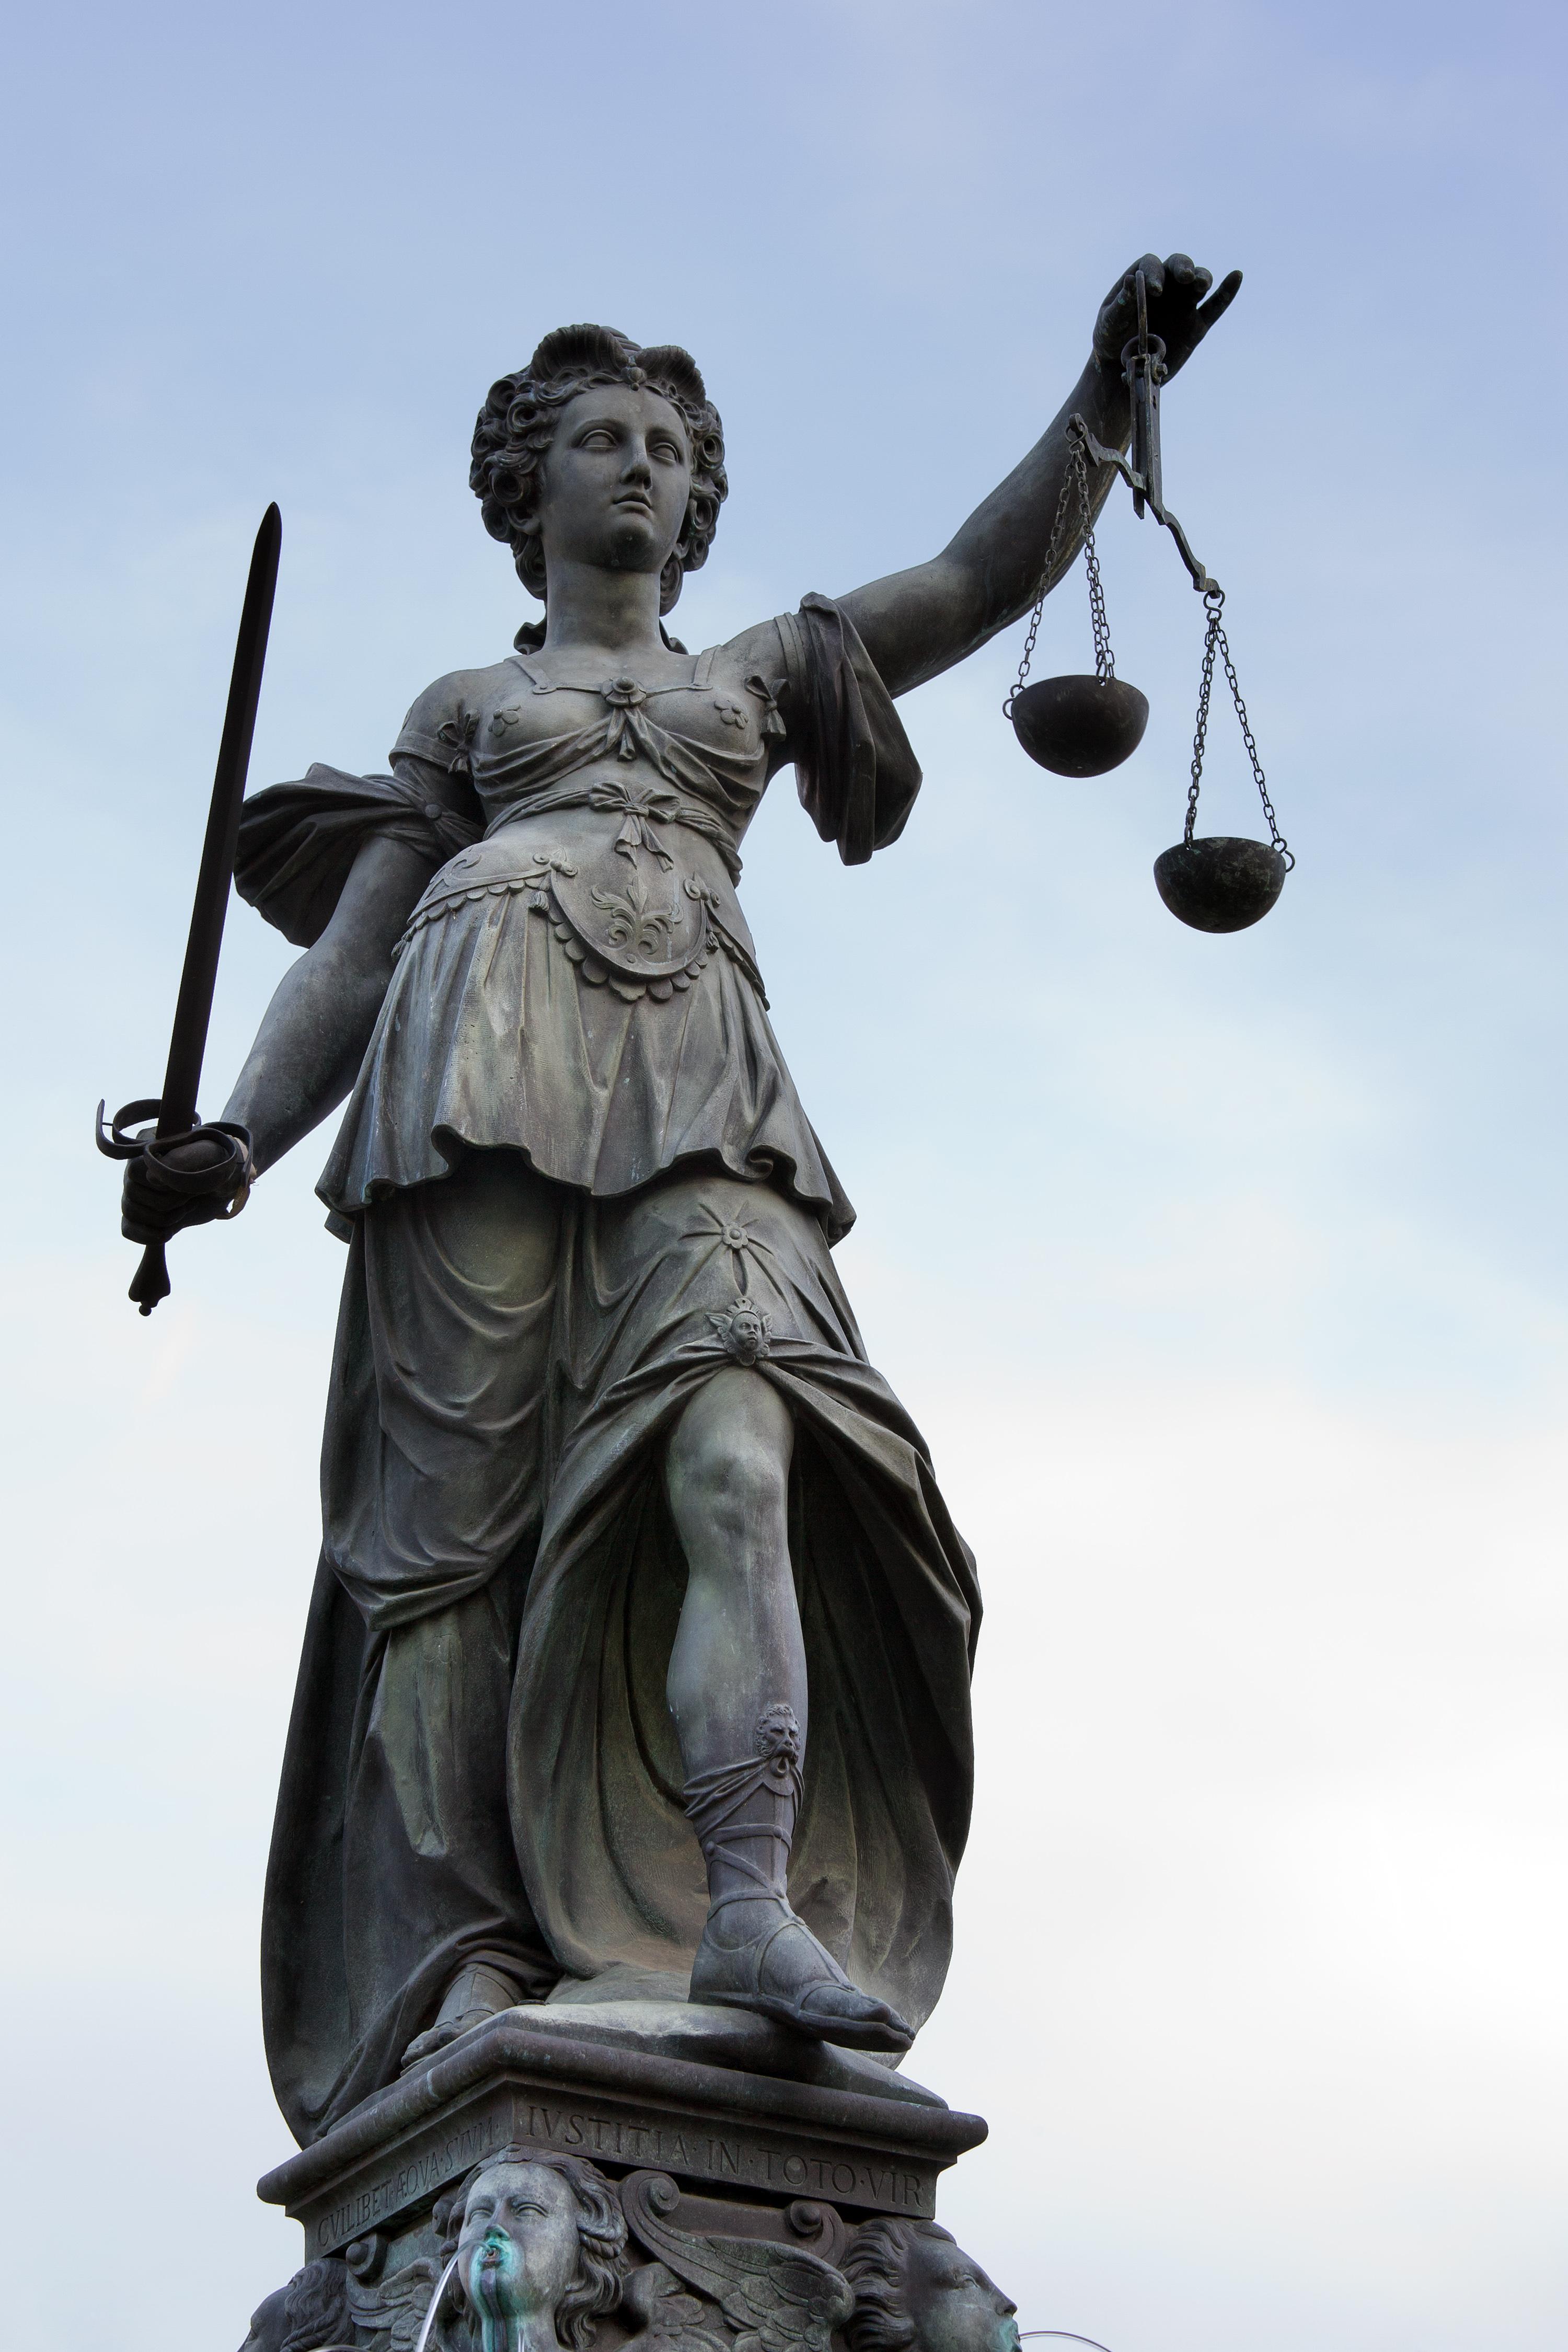 Glücksspiel: Deutschland droht Vertragsverletzungsverfahren